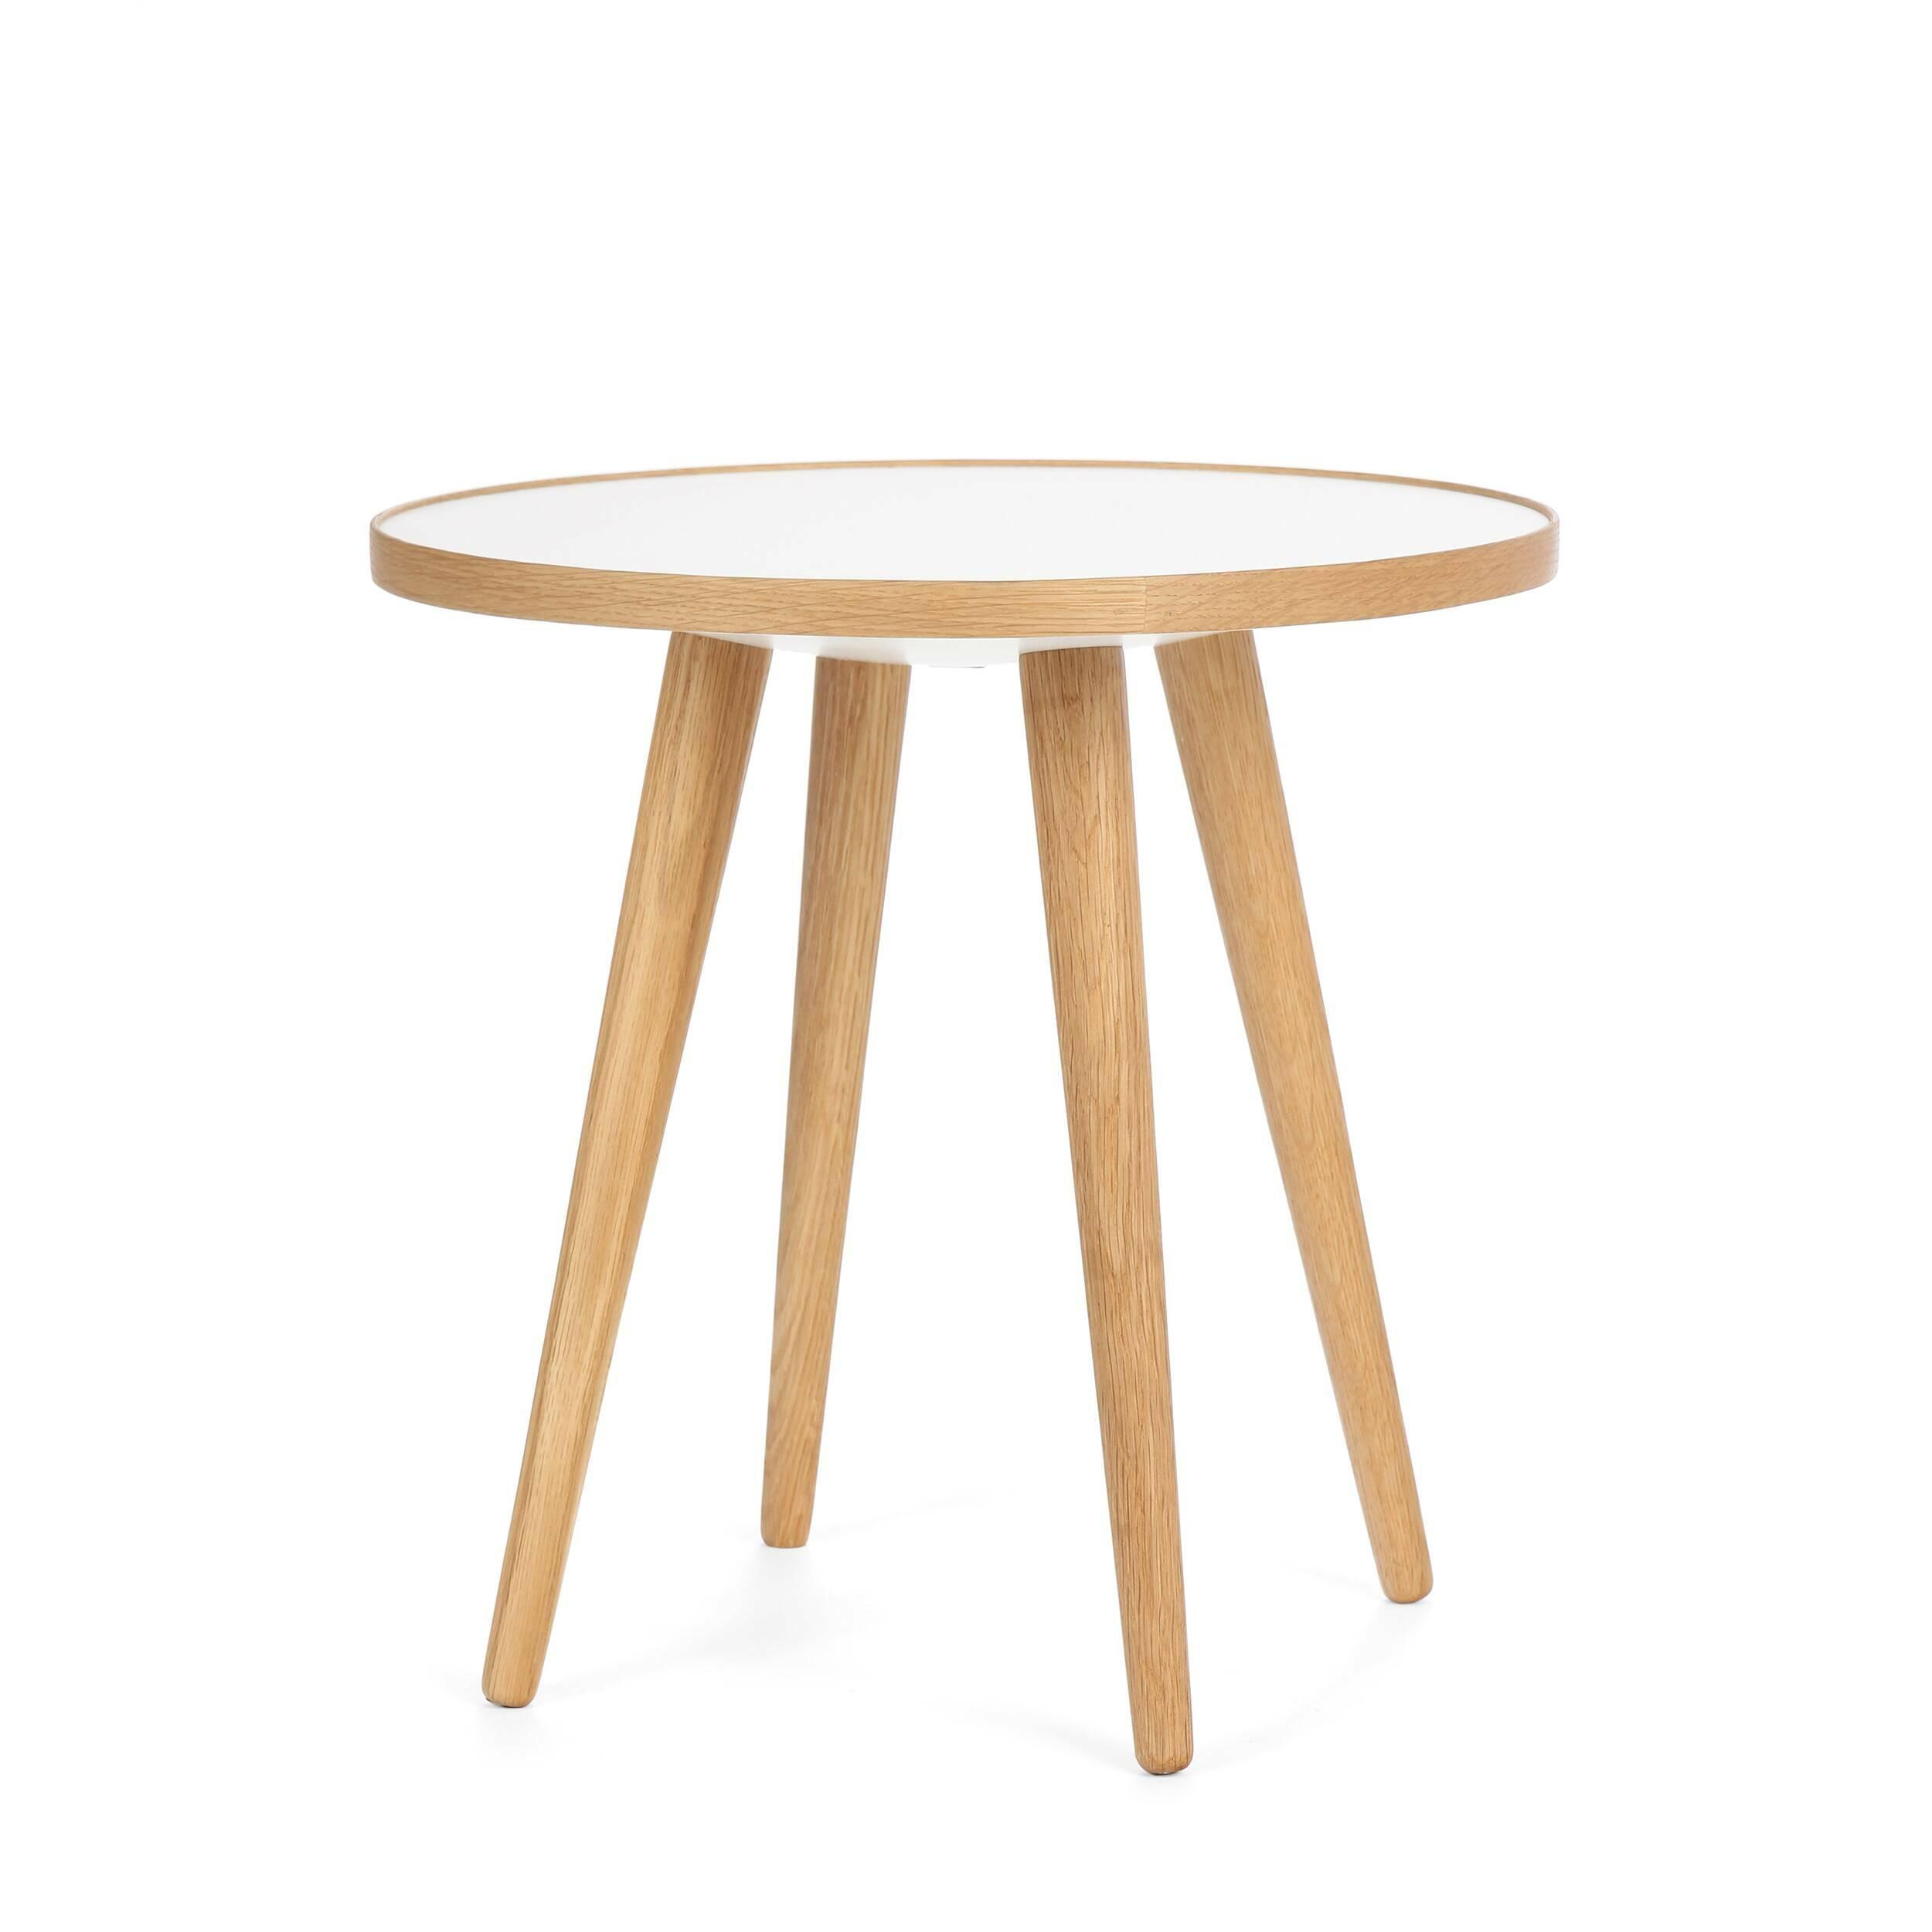 Кофейный стол Sputnik высота 40 диаметр 41Кофейные столики<br>Простые и чистые линии, интегрированные в ваш интерьер. Классическая столешница в форме круга добавляет красоты и изящества этому столу, который сочетается с разнообразными вариантами интерьерных стилей и может быть использован как в домах, так и офисах. Четыре ножки от стола вкручиваются в столешницу без специальных инструментов.<br><br><br> Кофейный стол Sputnik высота 40 диаметр 41, творение американского дизайнера с мировым именем Шона Дикса, обладает скульптурными качествами, при этом он у...<br><br>stock: 0<br>Высота: 40<br>Диаметр: 40,6<br>Цвет ножек: Белый дуб<br>Цвет столешницы: Белый<br>Материал ножек: Массив дуба<br>Тип материала столешницы: Пластик<br>Тип материала ножек: Дерево